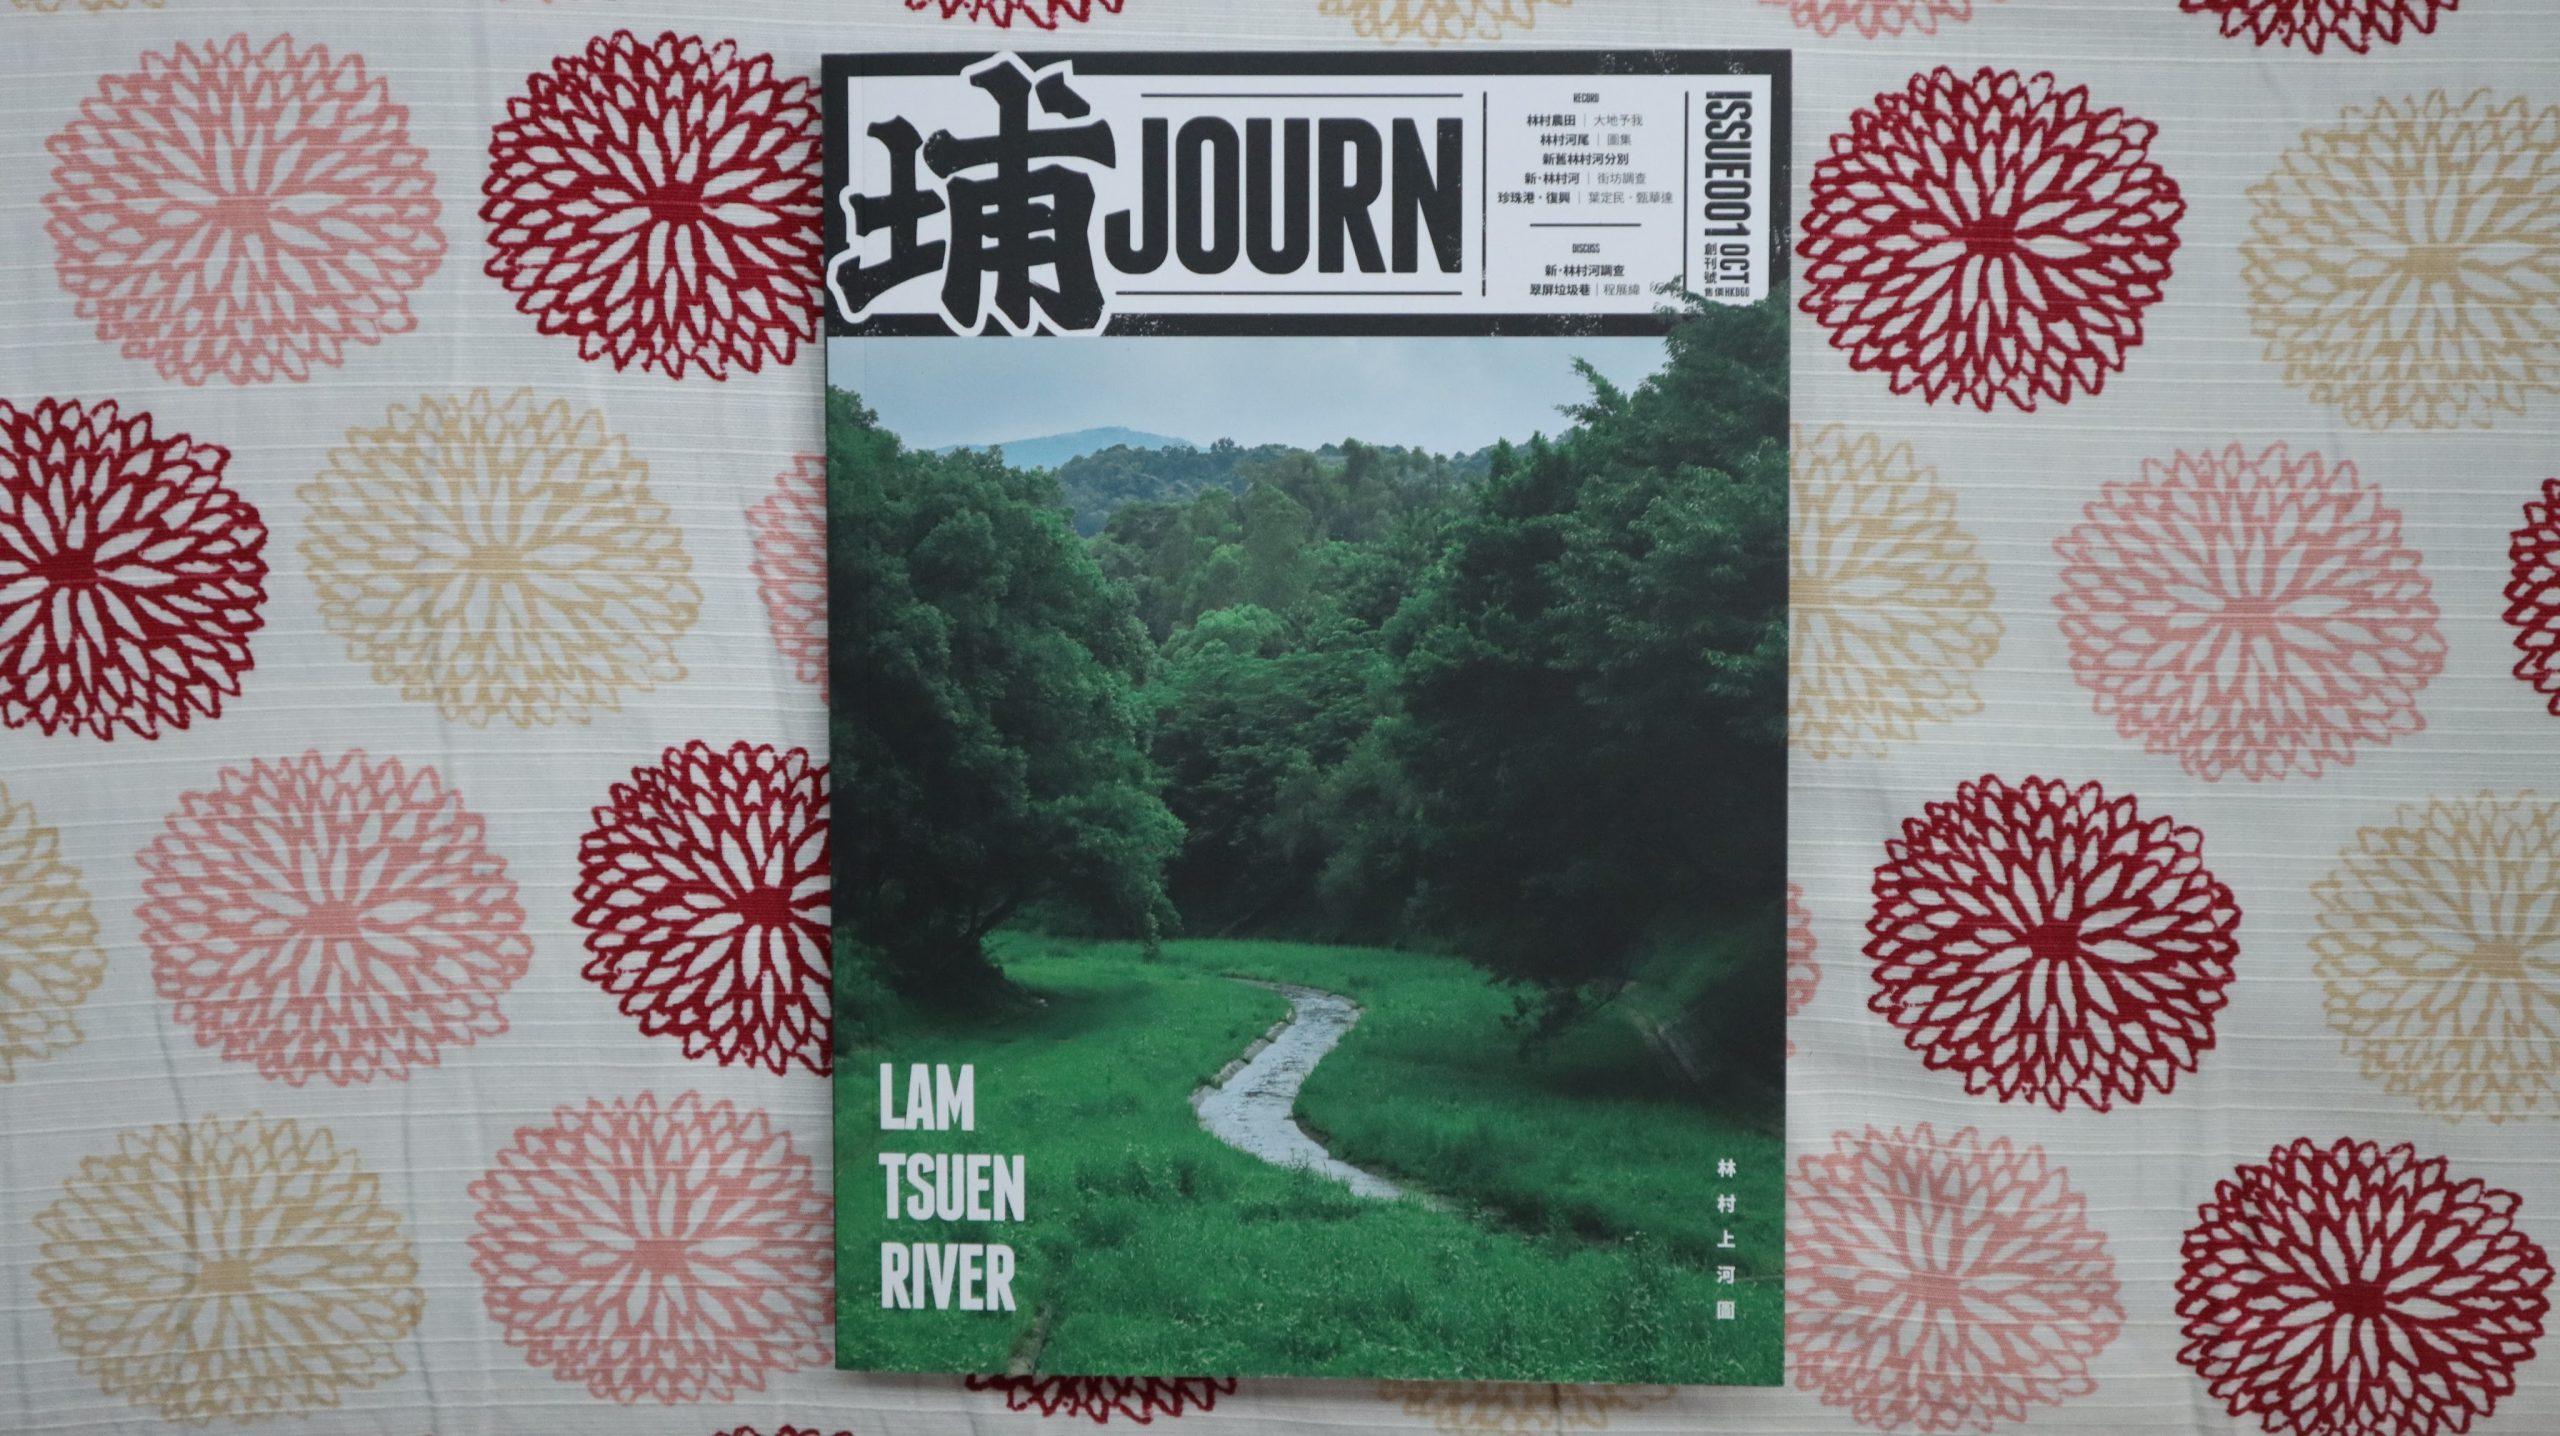 《埔Journ》- 新登場的大埔社區紙本讀物